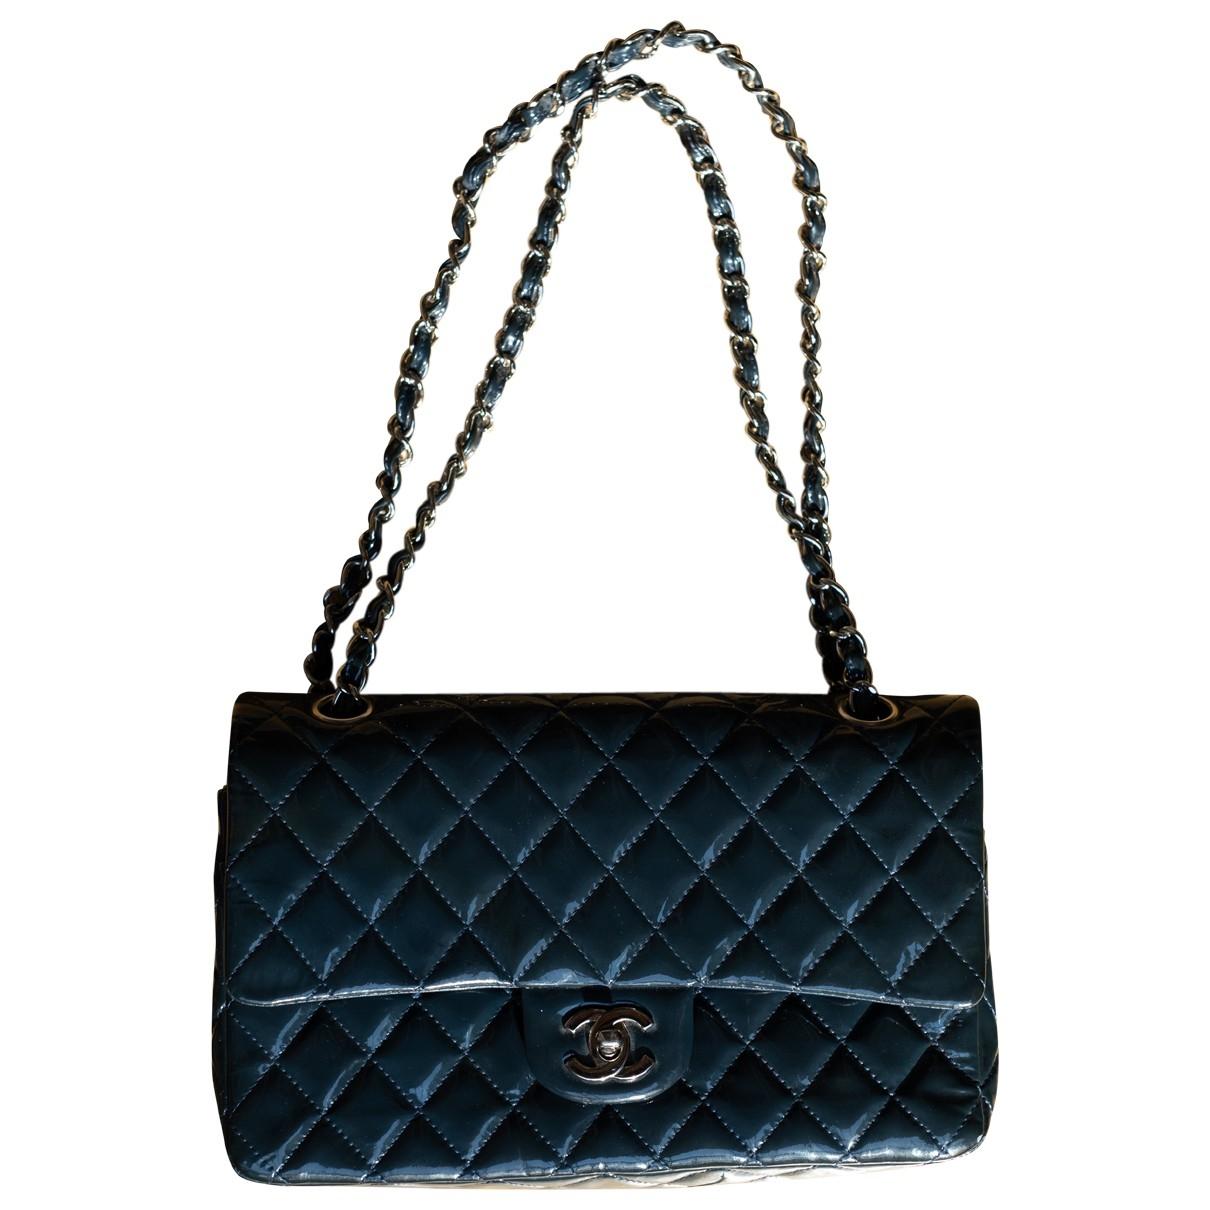 Chanel - Sac a main Timeless/Classique pour femme en cuir verni - bleu